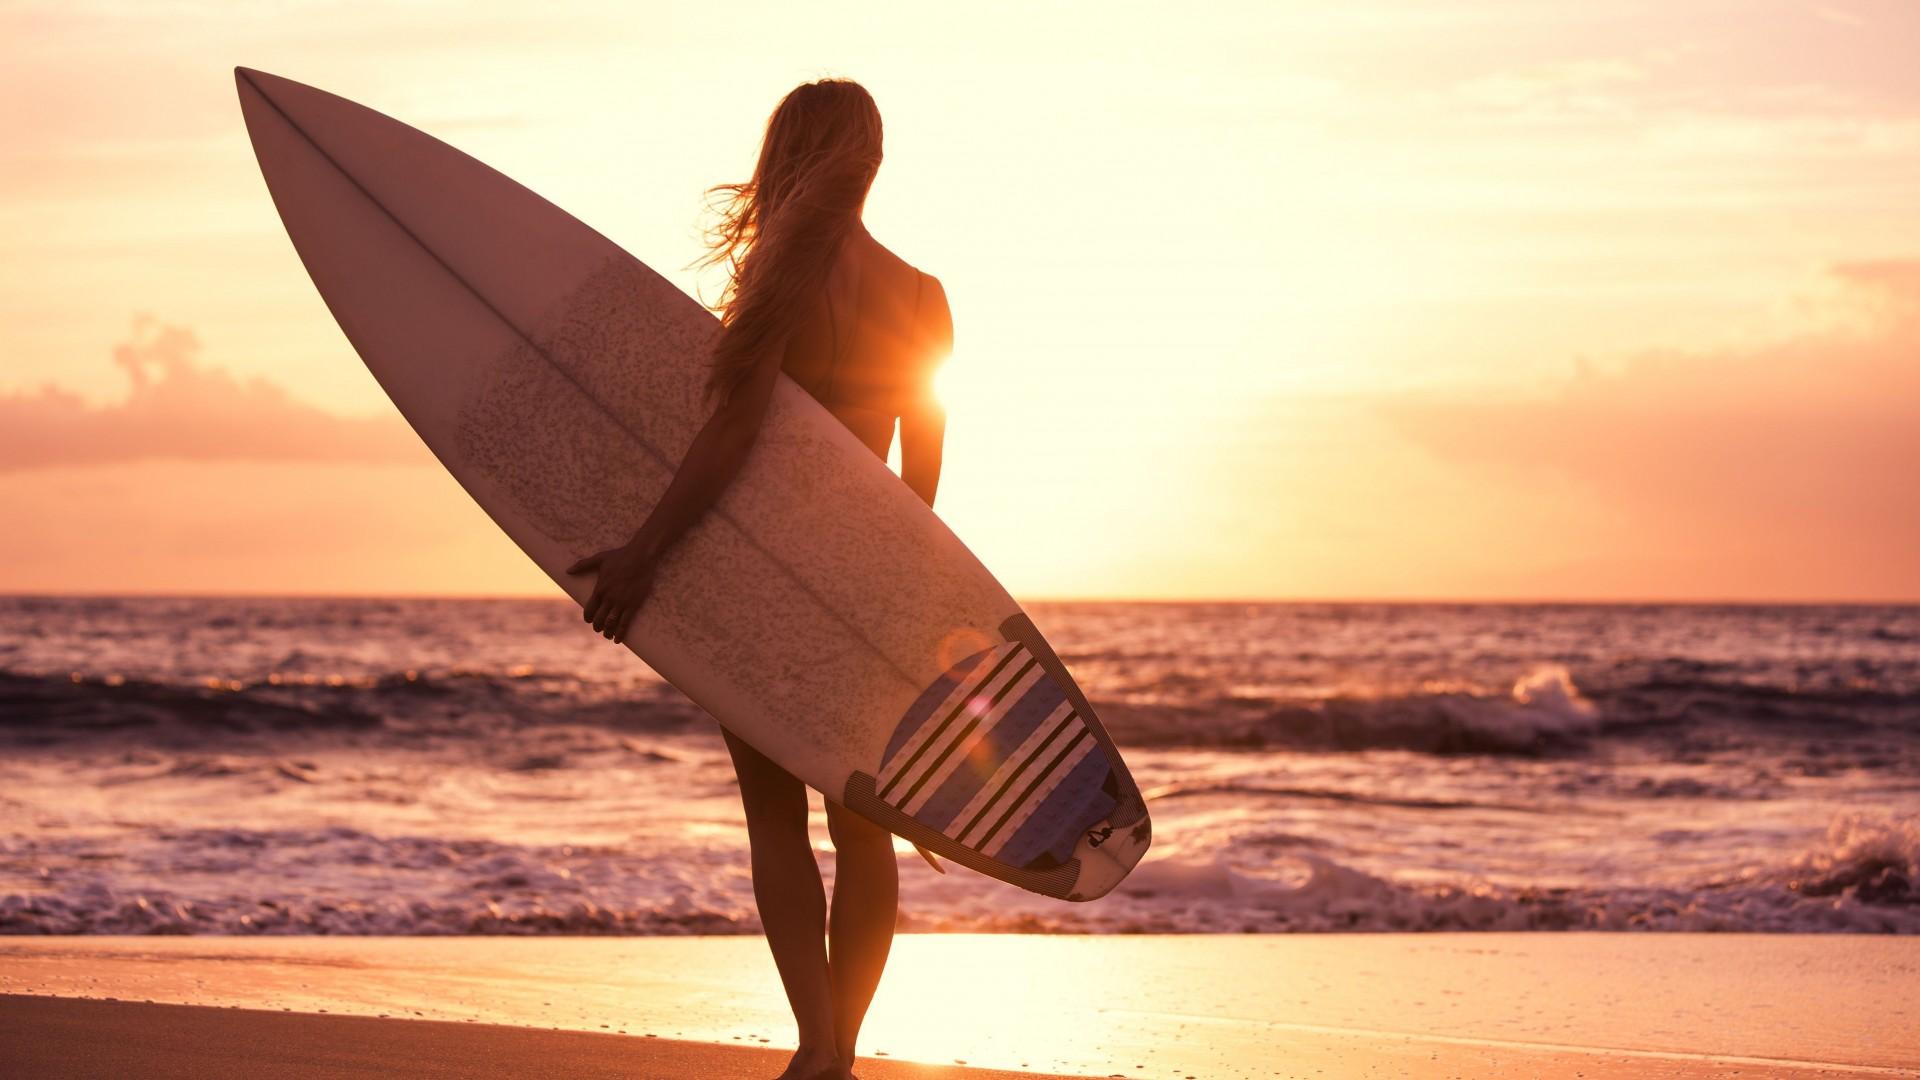 Wallpaper surfing girl beach sun sea sport 11219 - Beach girl wallpaper hd ...